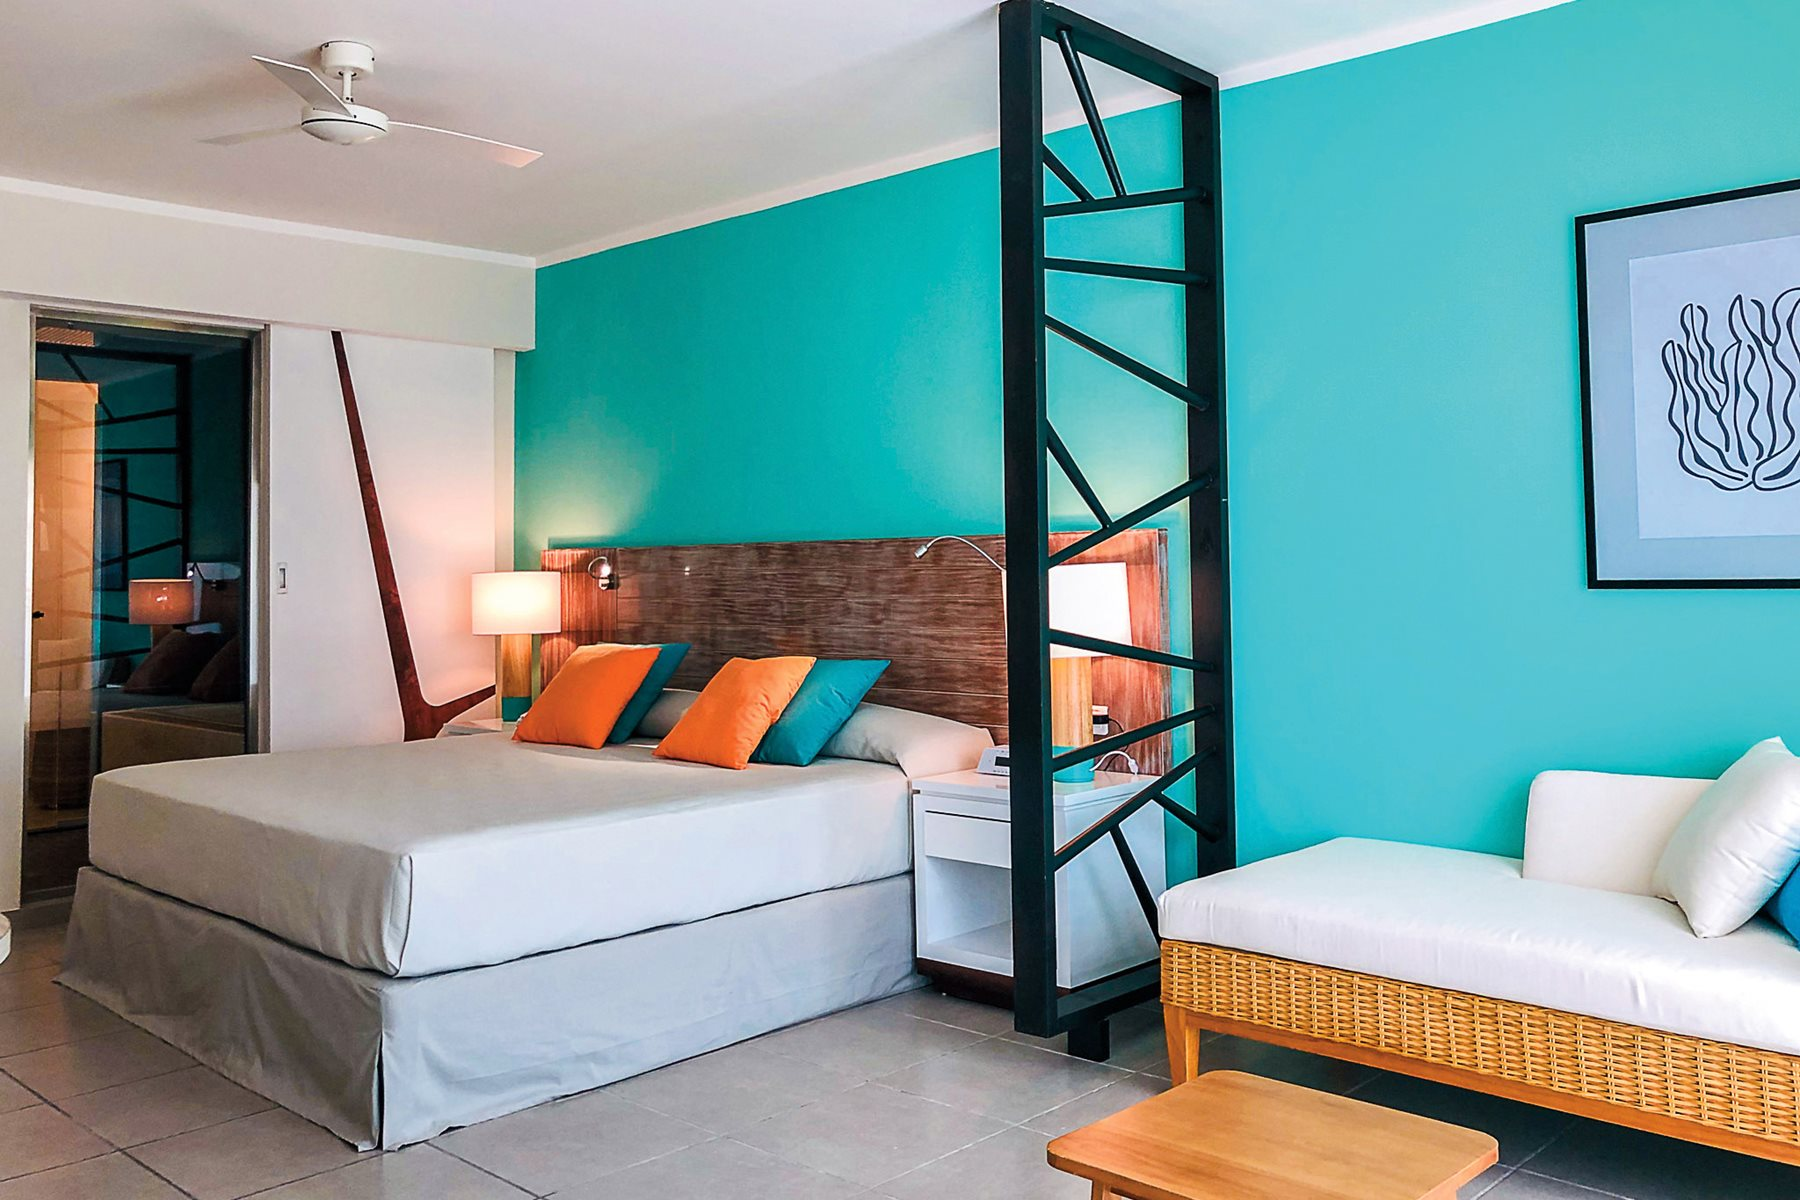 CCC-Valentin-Cayo-Cruz-Room-Junior-Suite-001